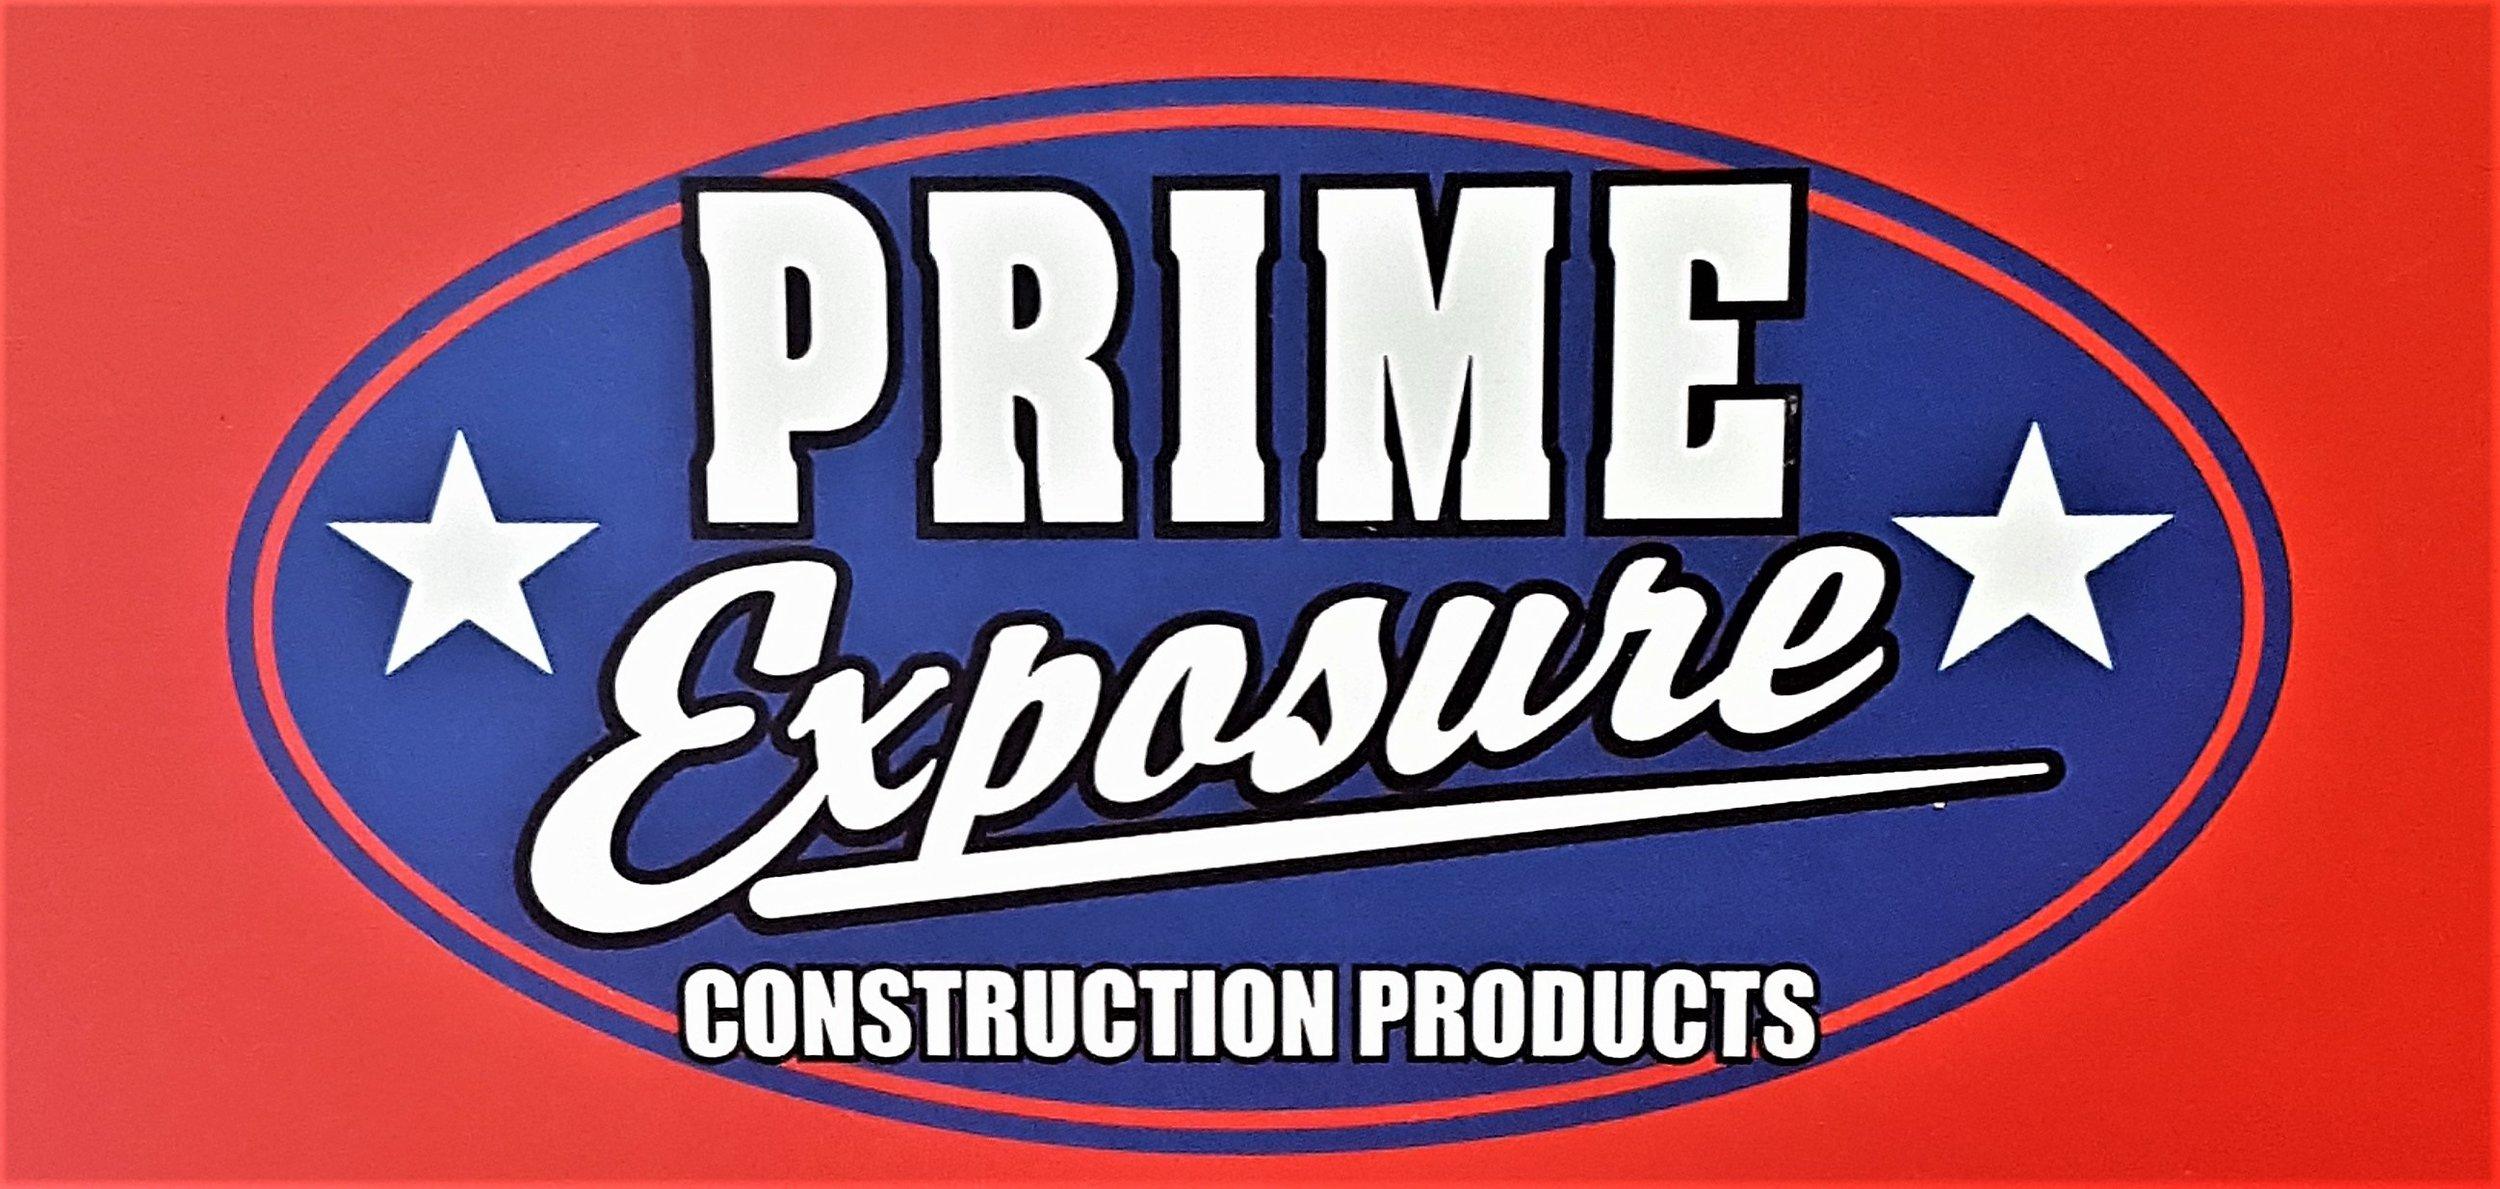 prime exposure logo.png.jpg